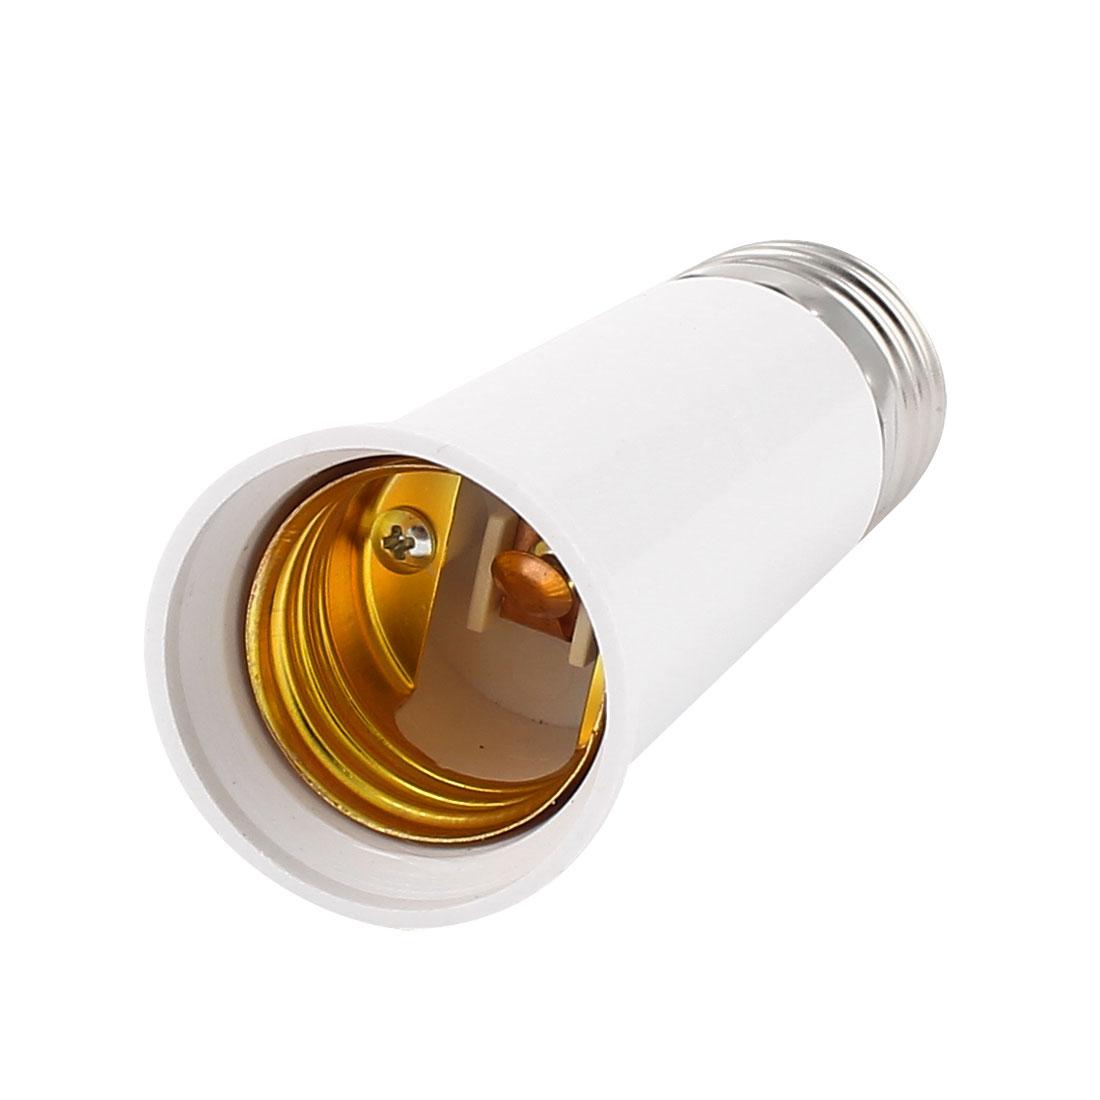 E27 to E27 Light Lamp Bulb Extender Socket Adaptor Holder White